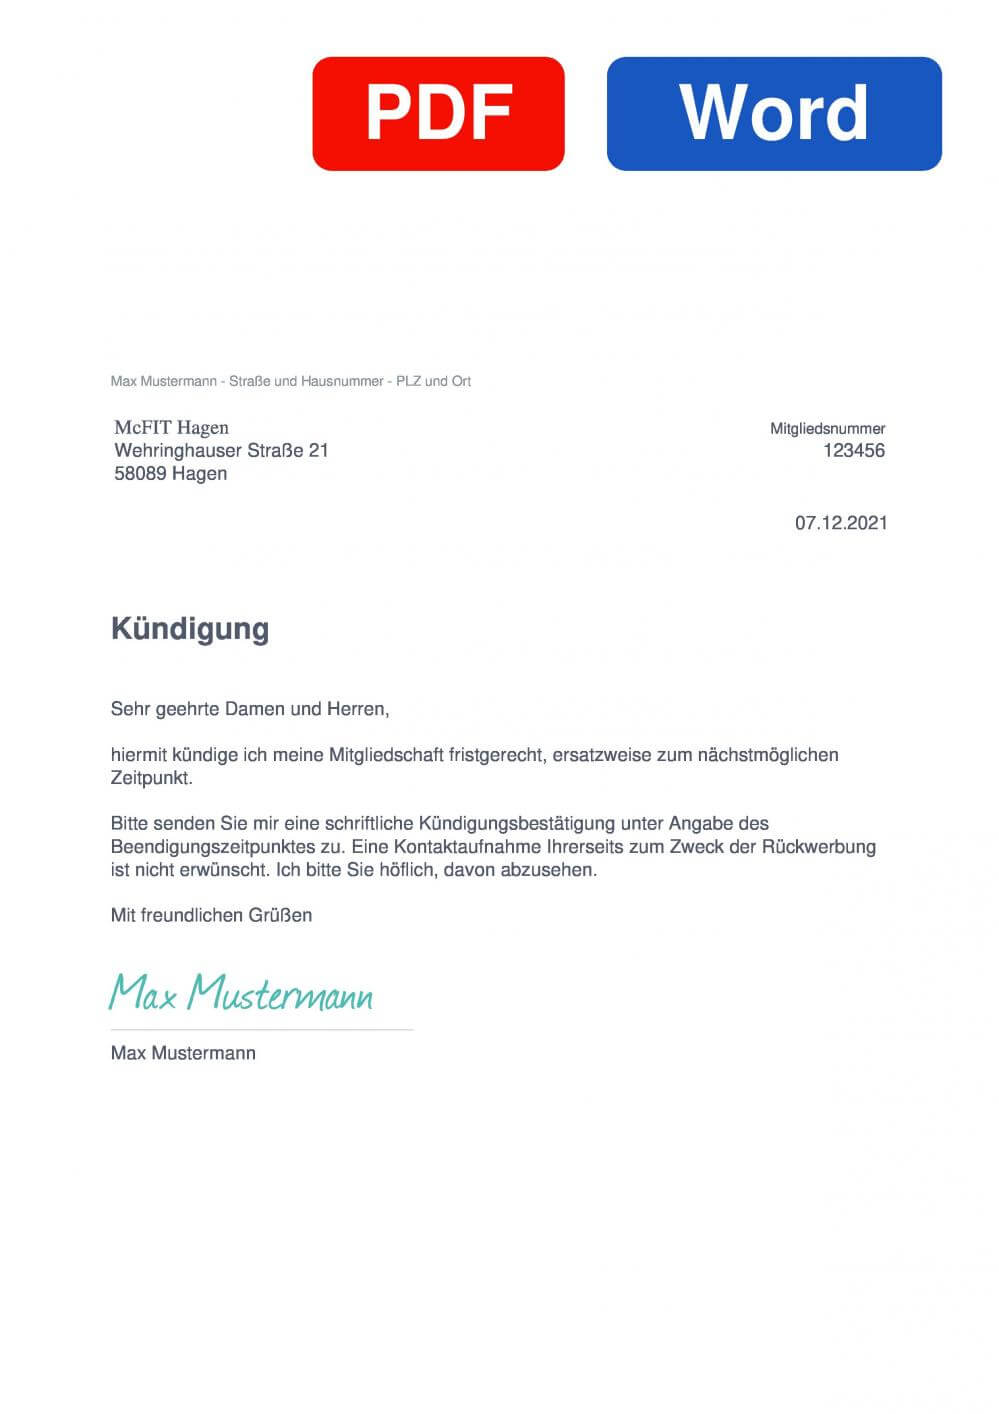 McFIT Hagen Muster Vorlage für Kündigungsschreiben